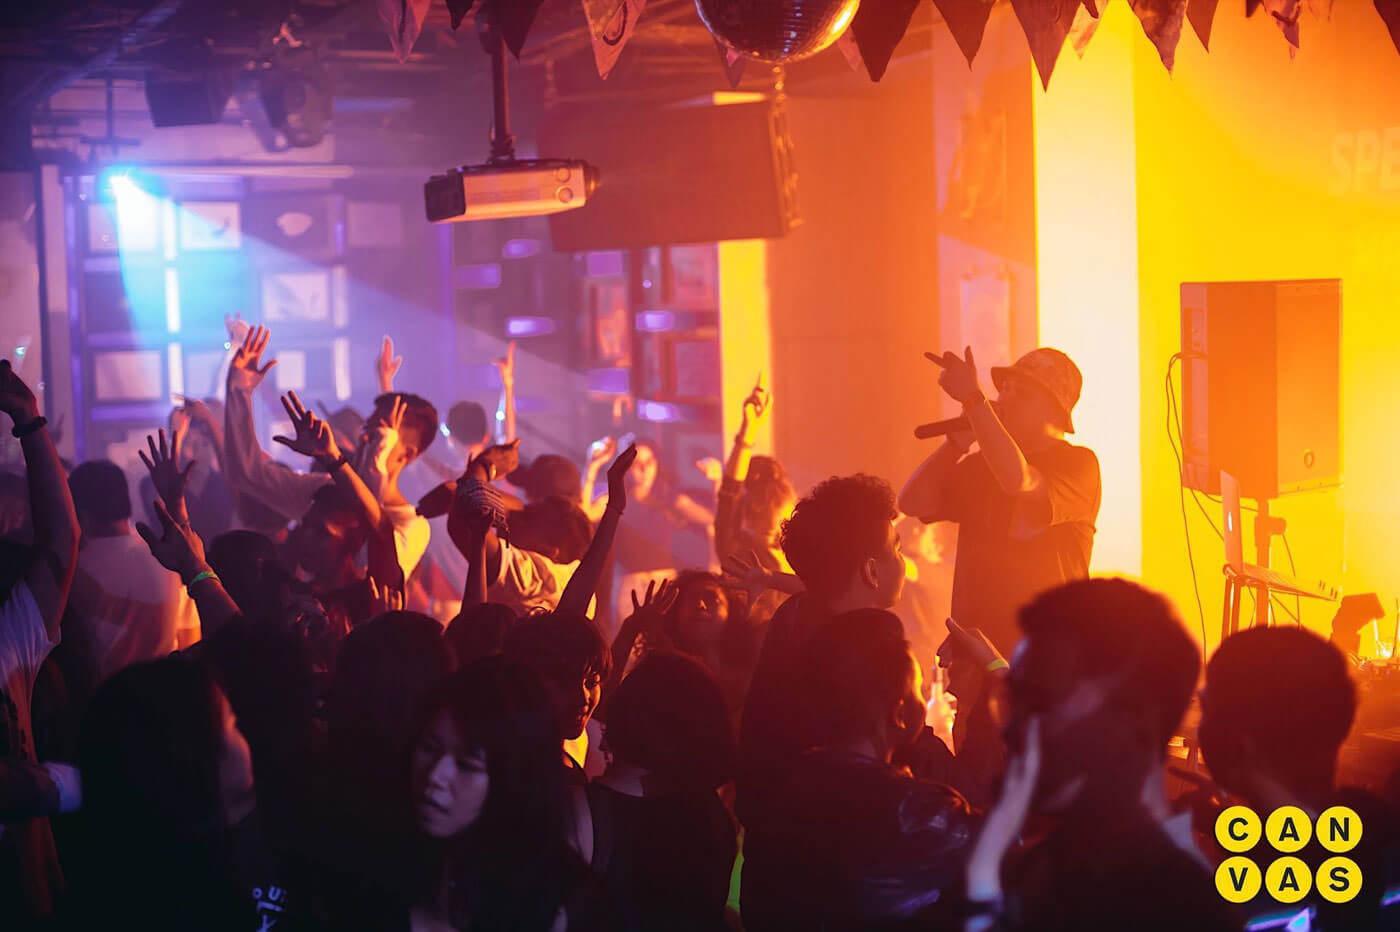 quán bar nổi tiếng ở singapore